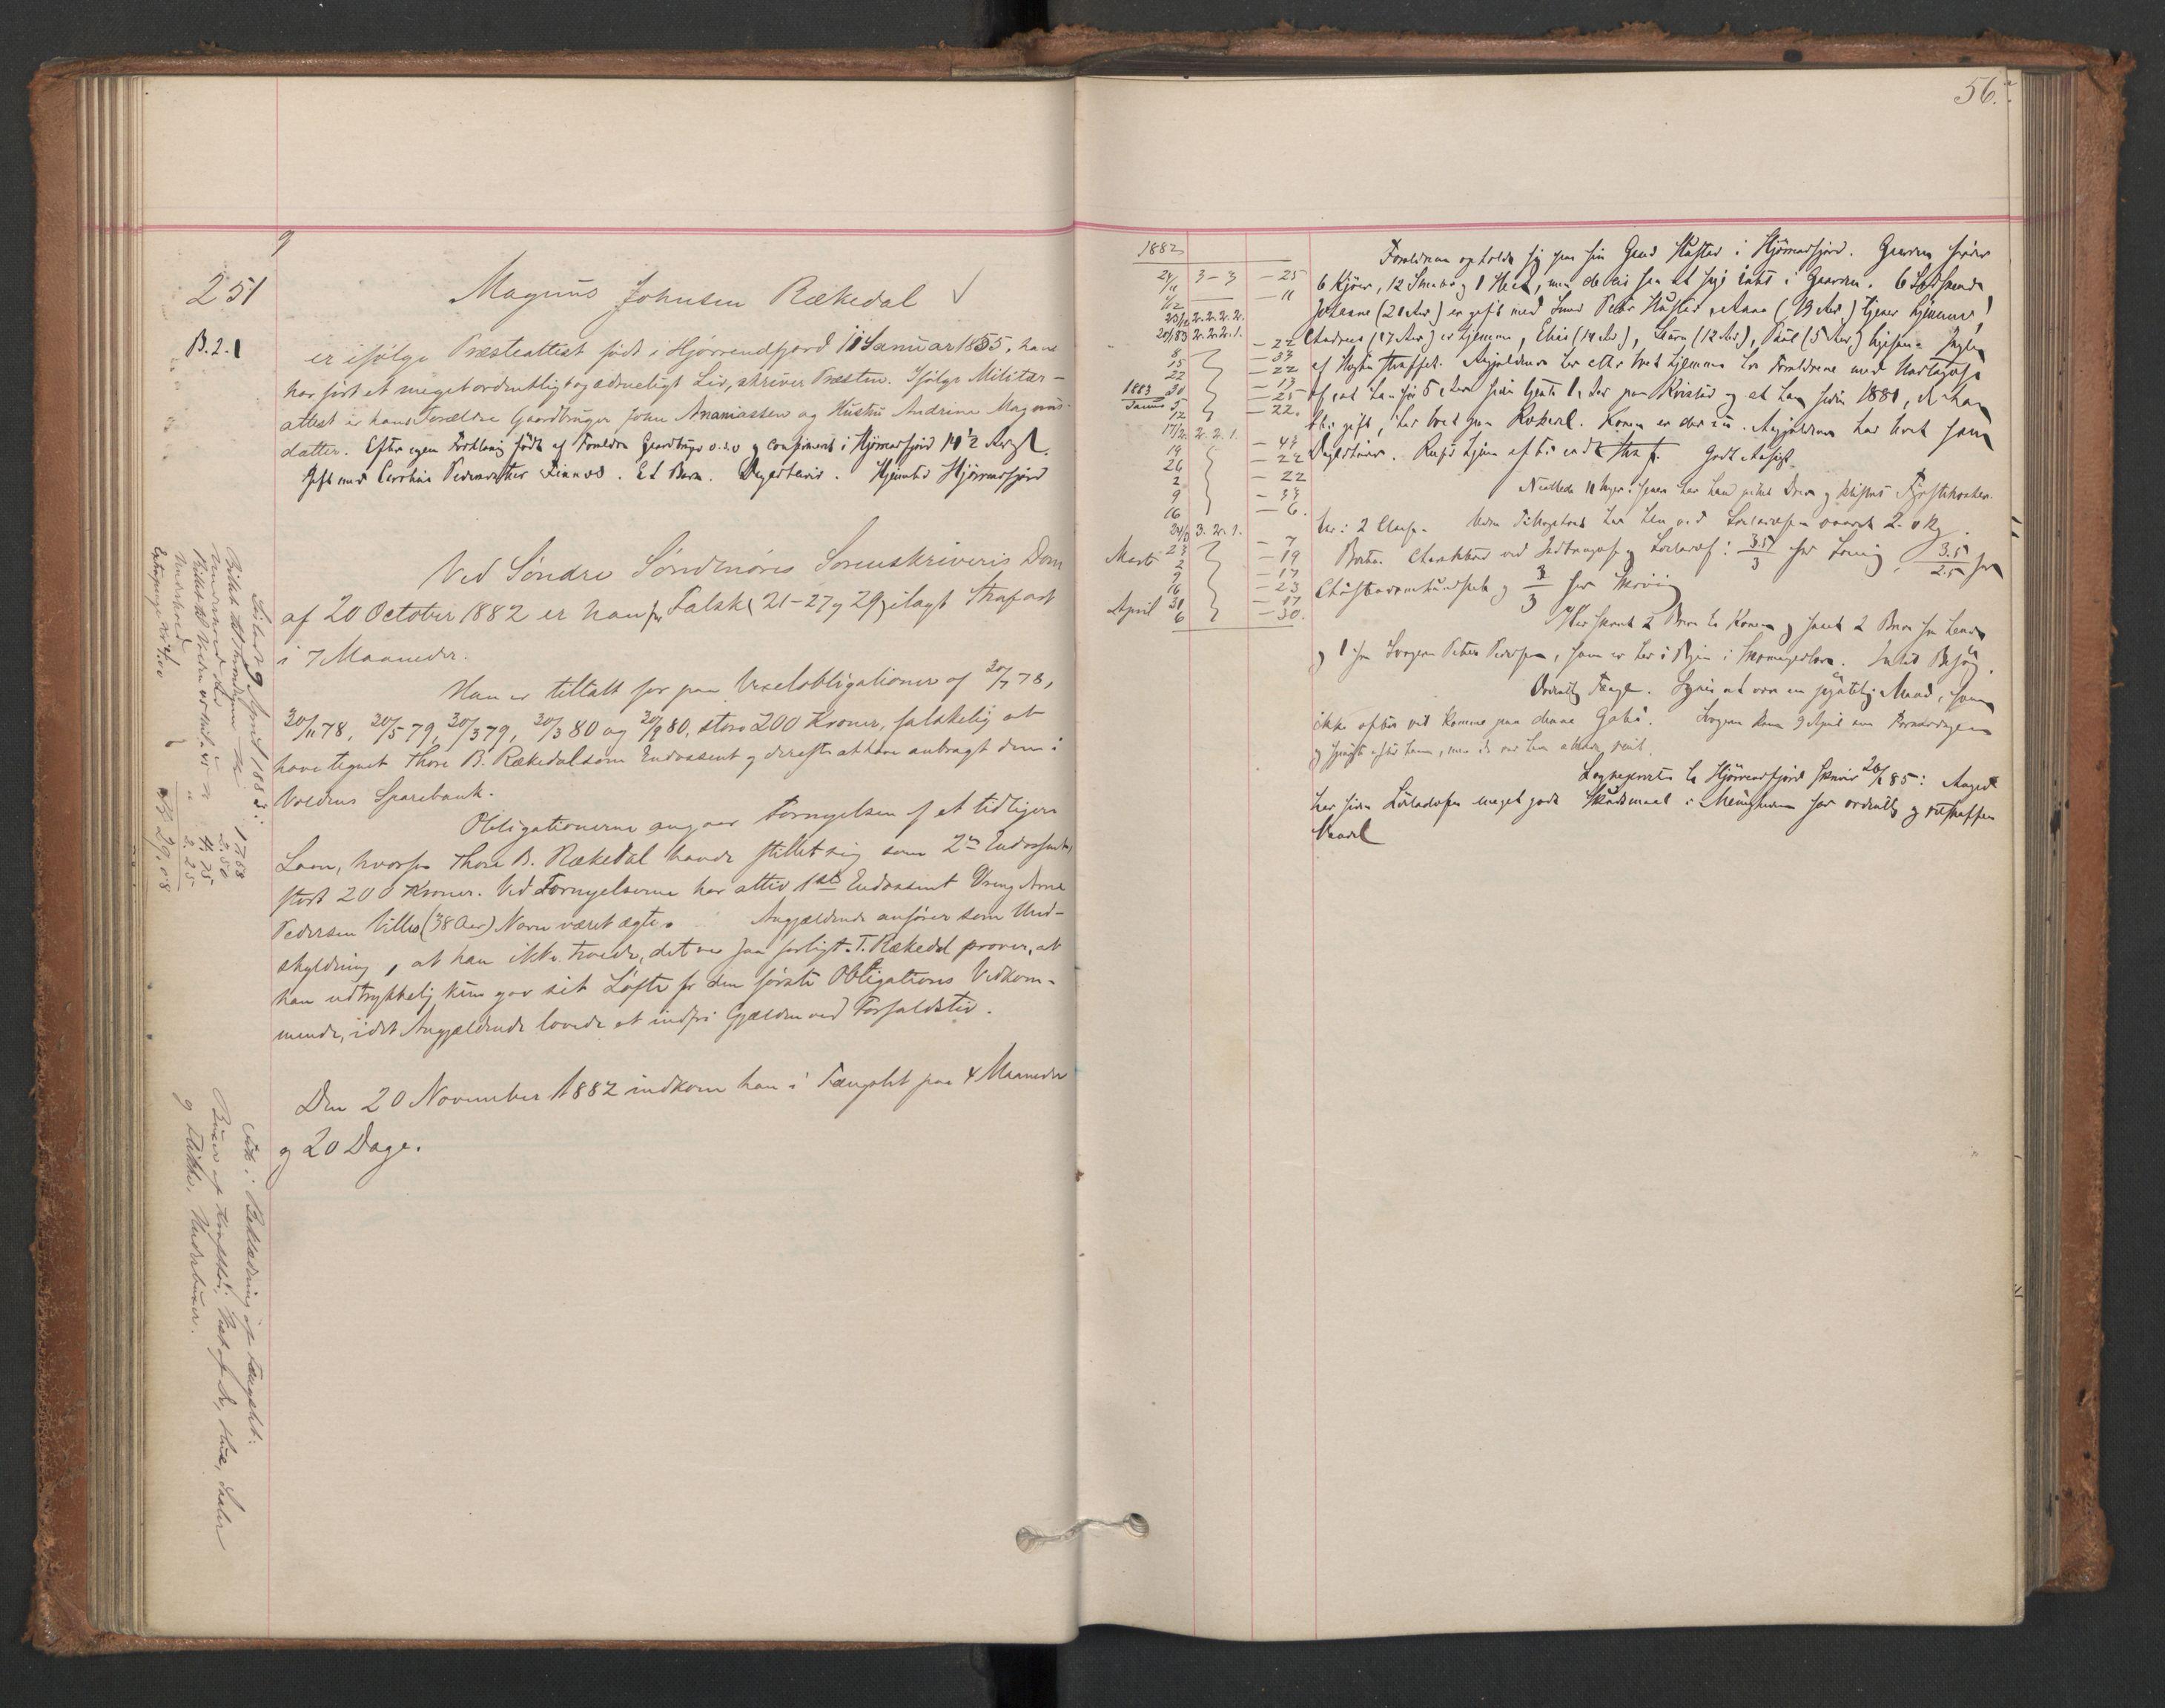 RA, Botsfengslet, D/Db/Dbb/L0021: 196g - 484g, 1882-1884, p. 56